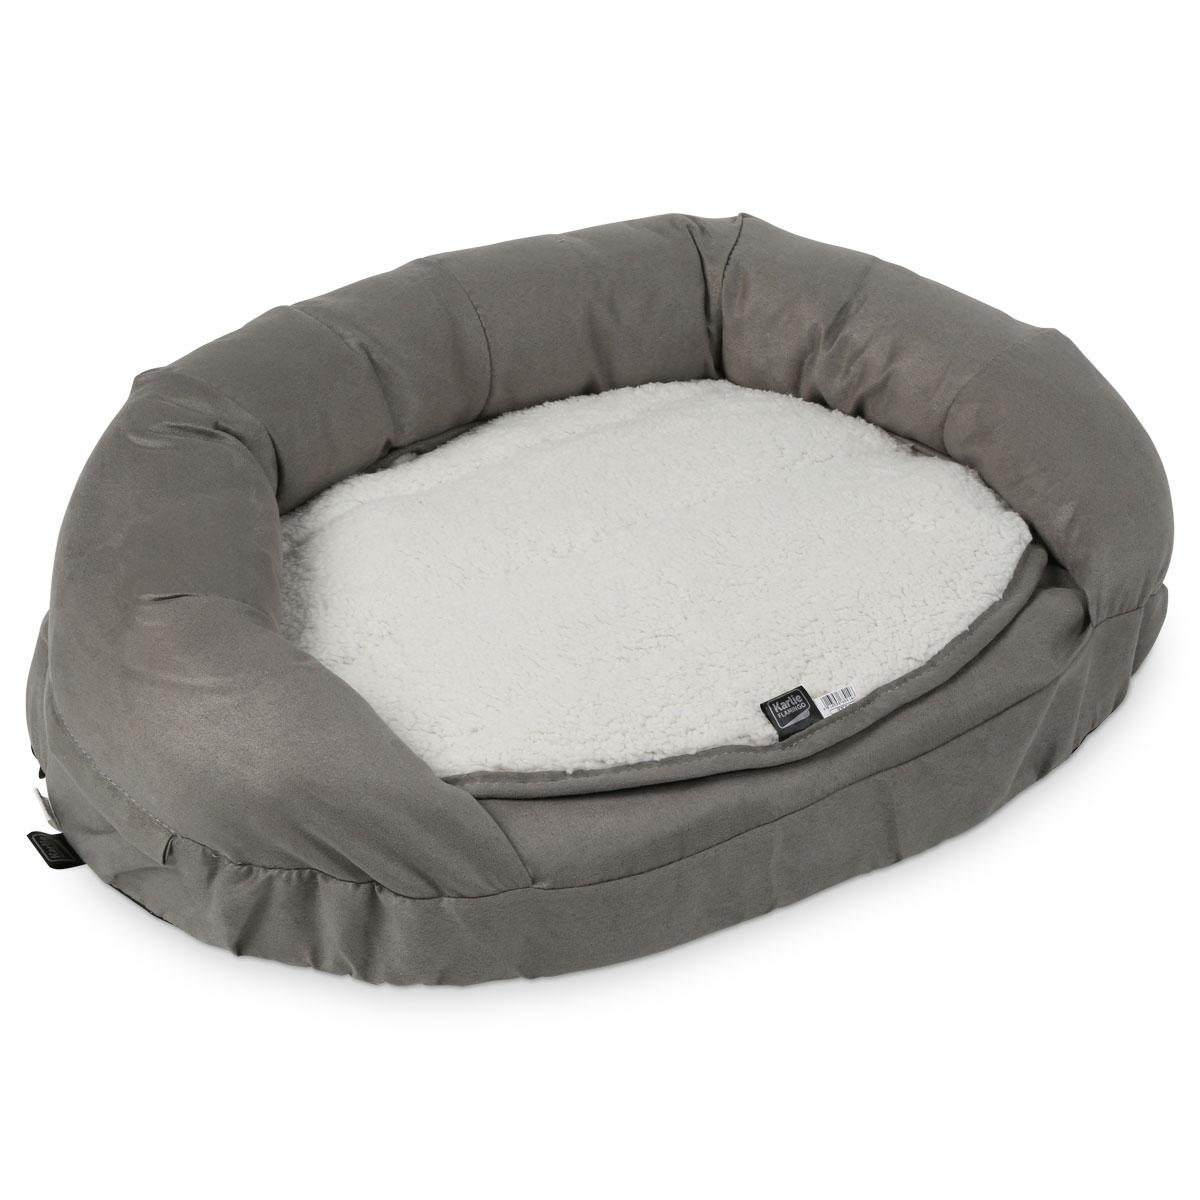 Karlie Ortho Dog Bed